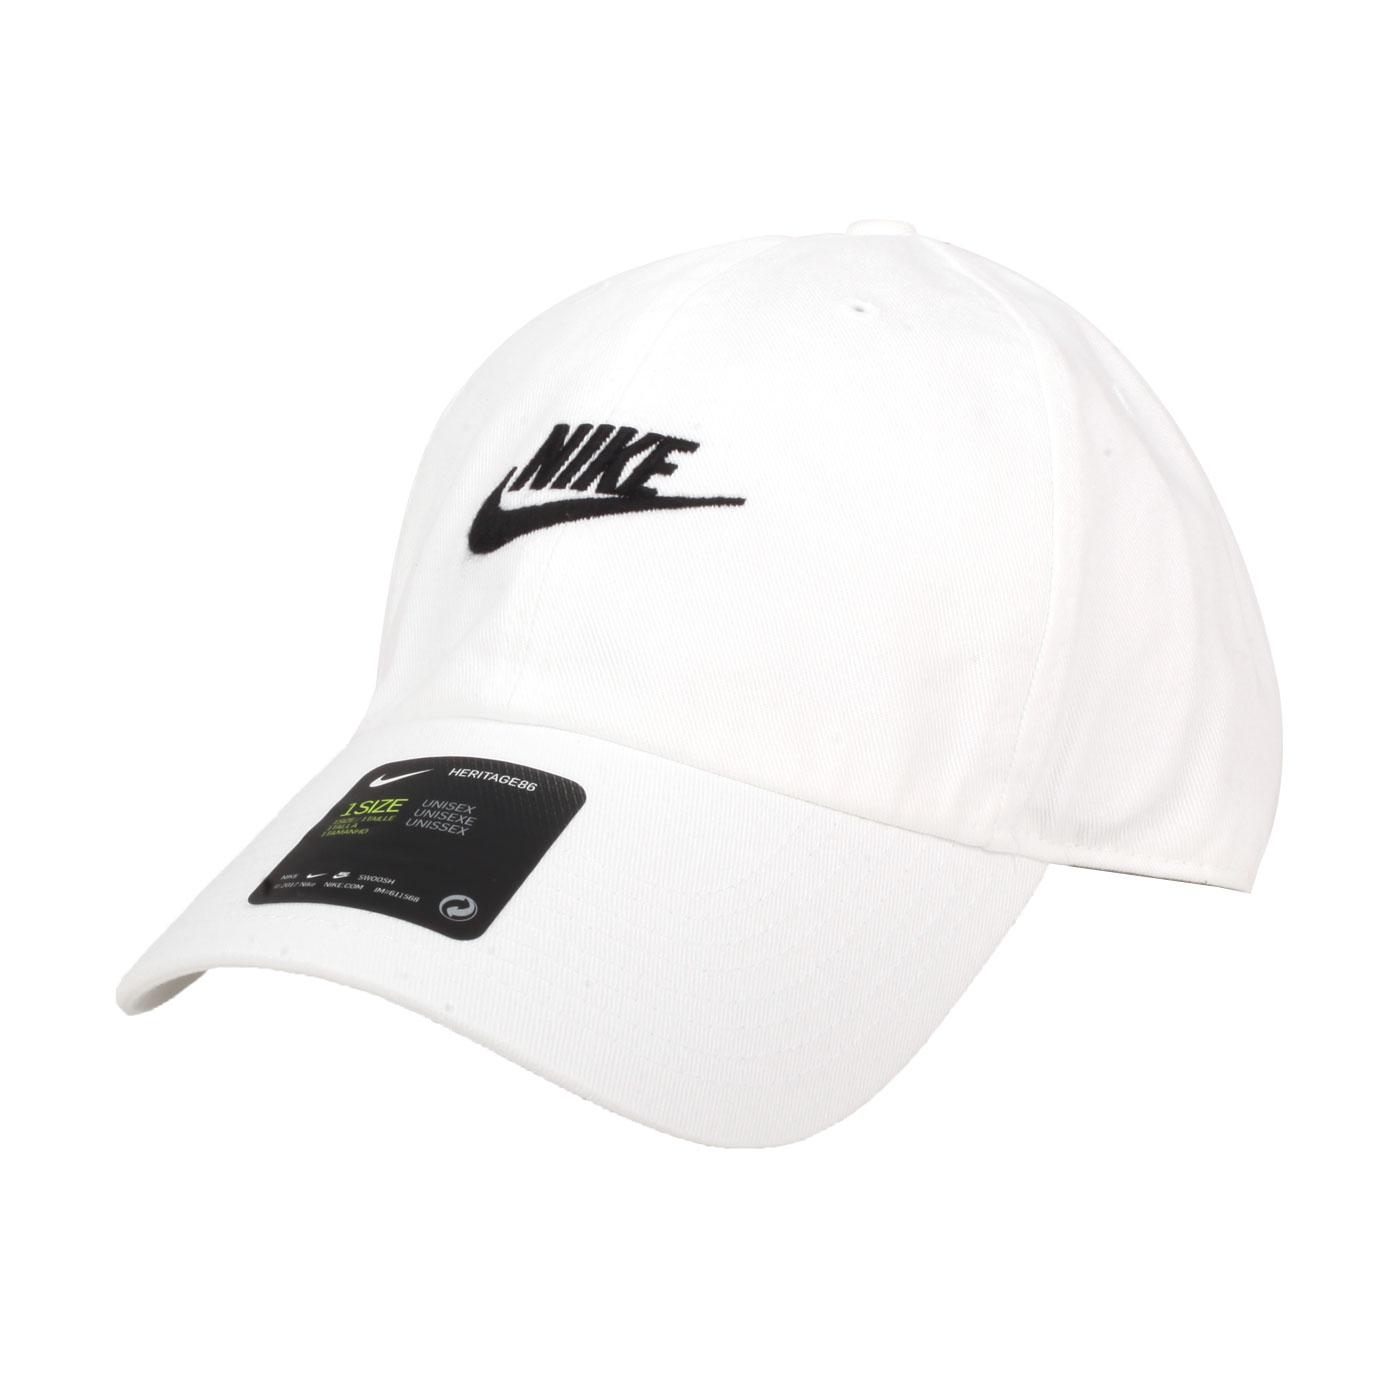 NIKE 帽子 913011-100